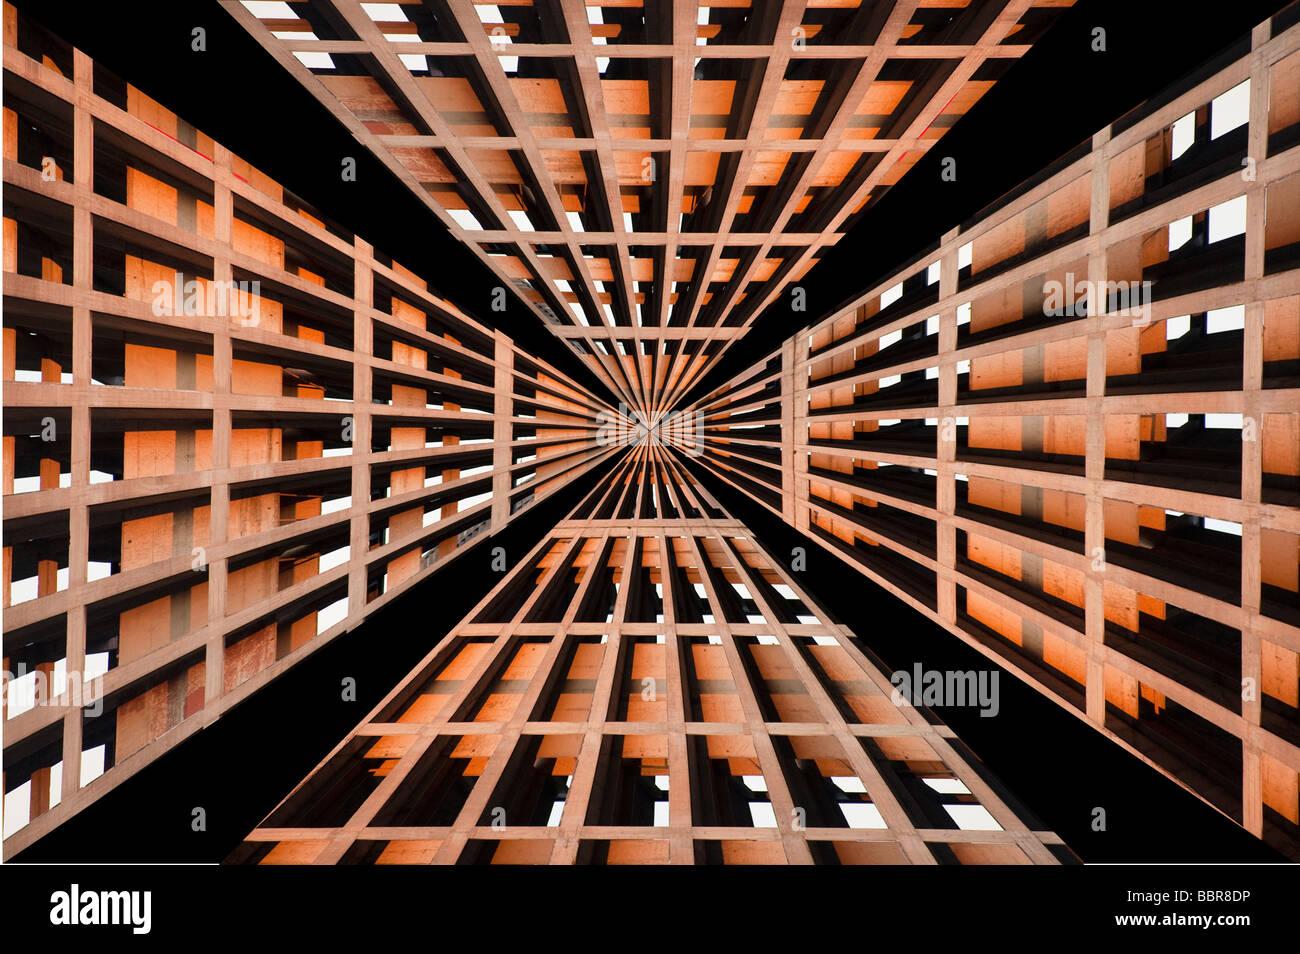 """Geometrische Perspektive Muster gebildet von einem Closeup Image """"Park Hill Wohnungen"""" unter Sanierung, Stockbild"""